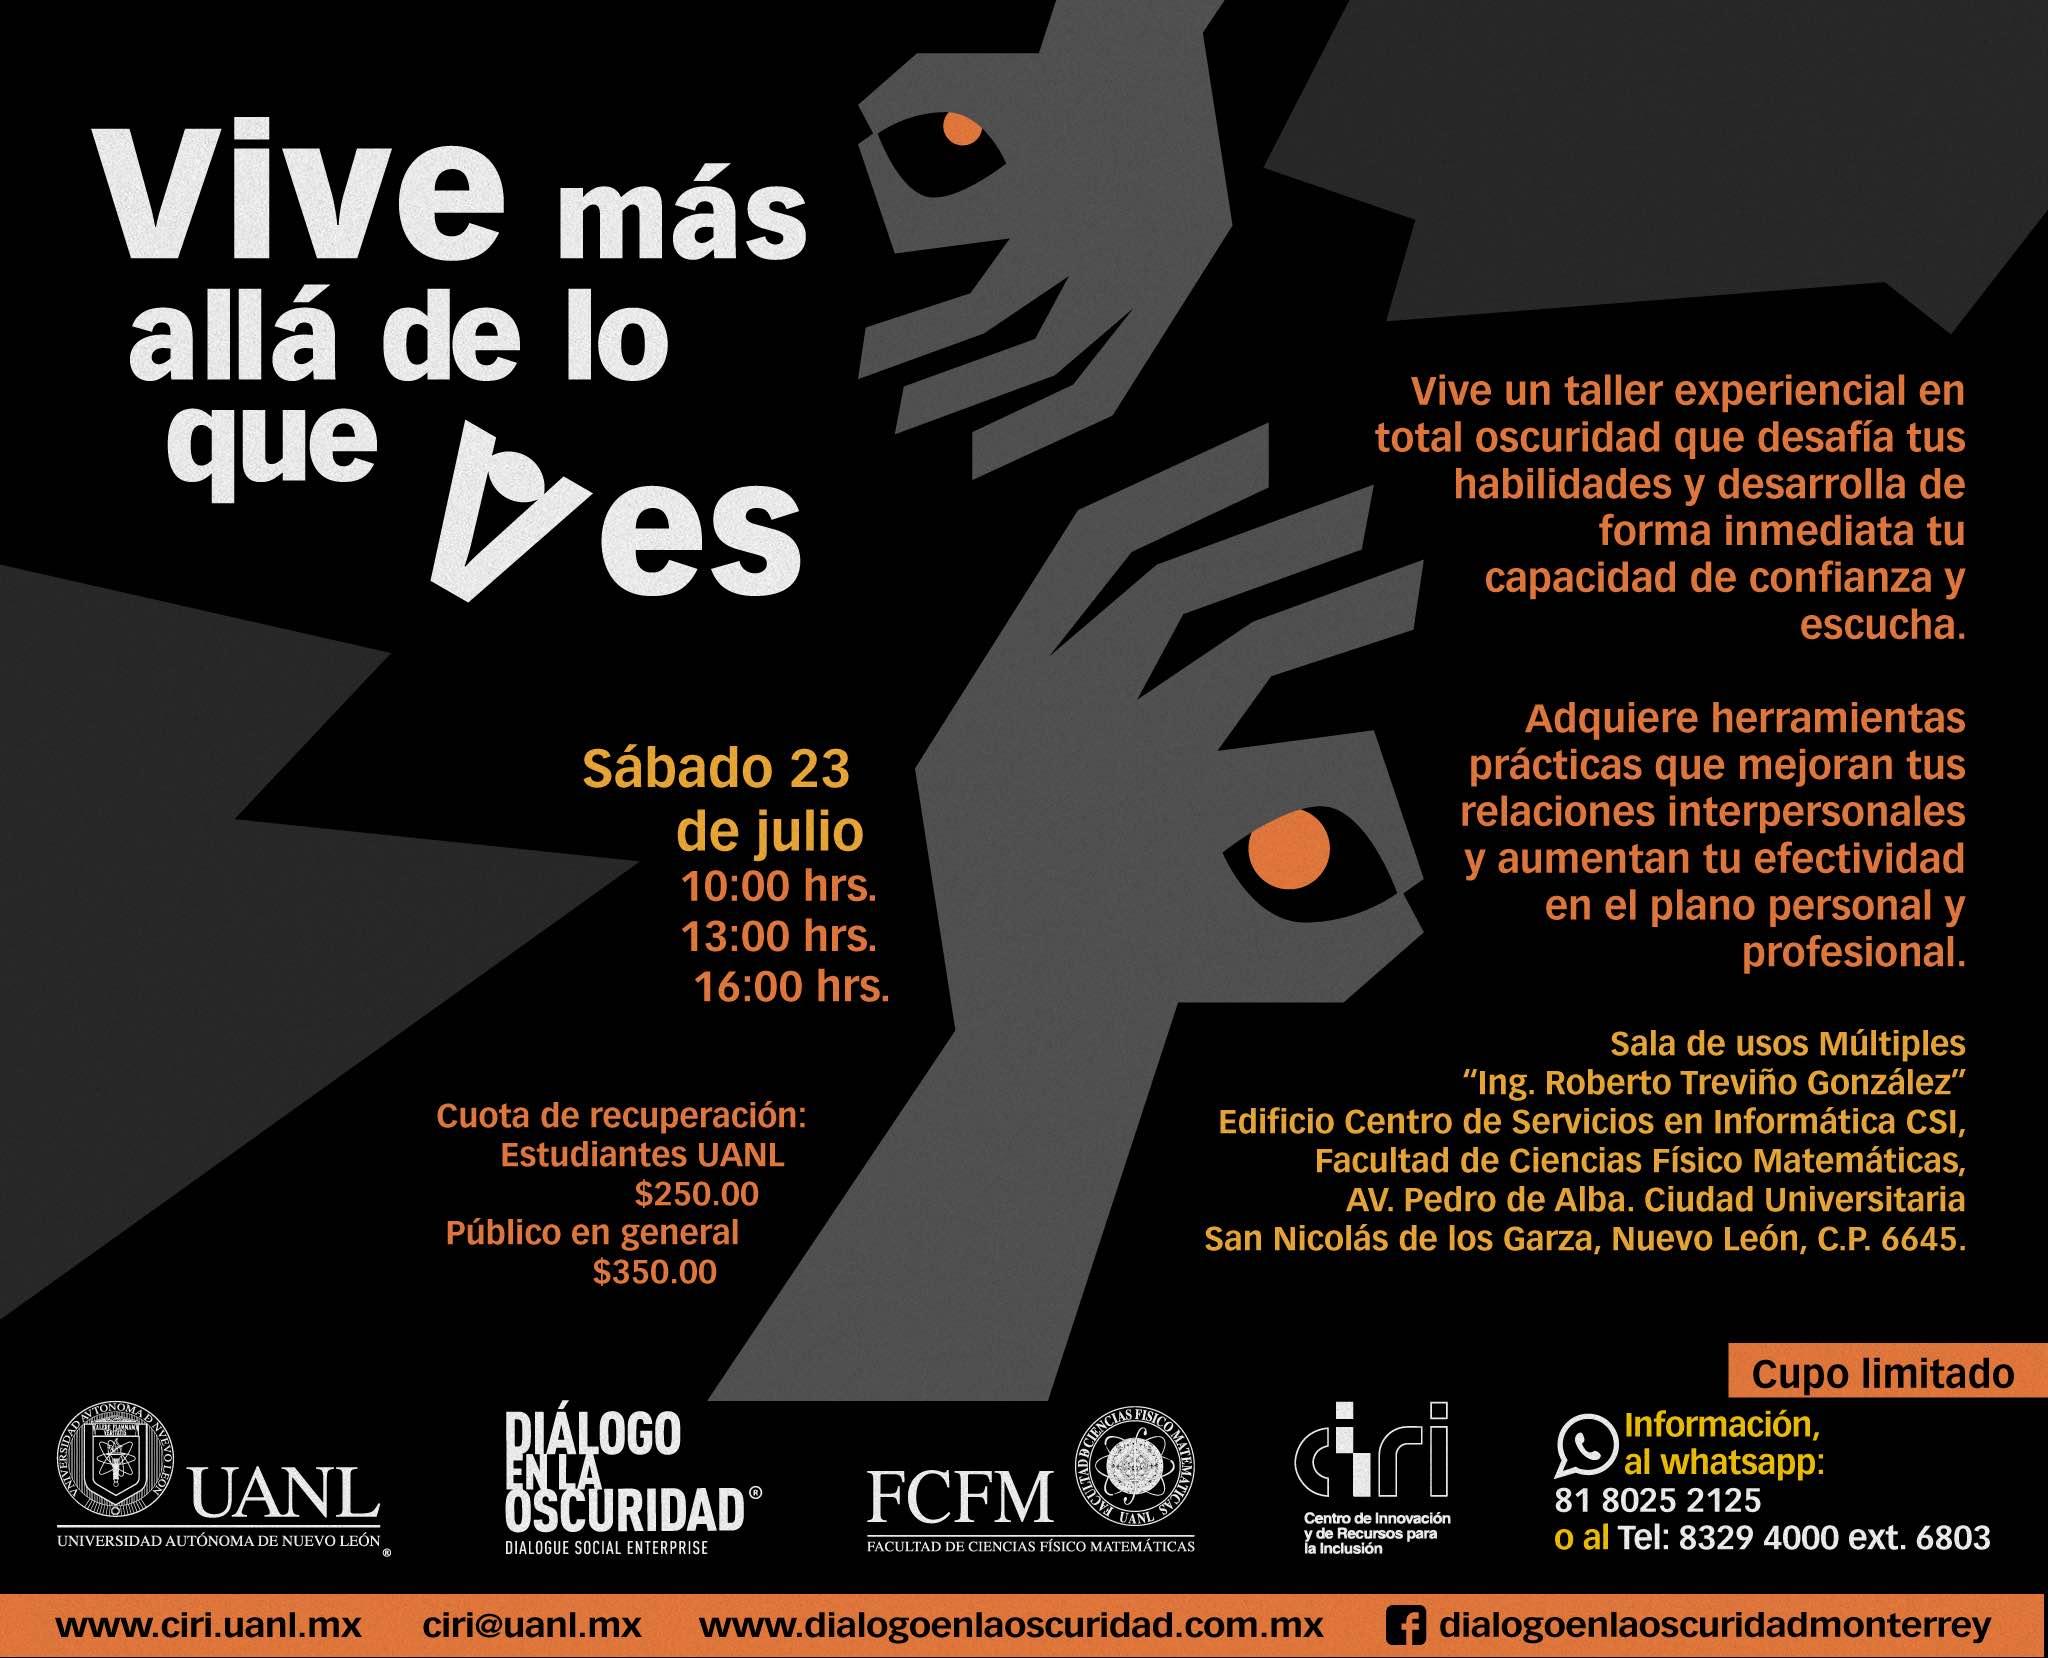 Talleres en la oscuridad en la Universidad Autónoma de Nuevo León